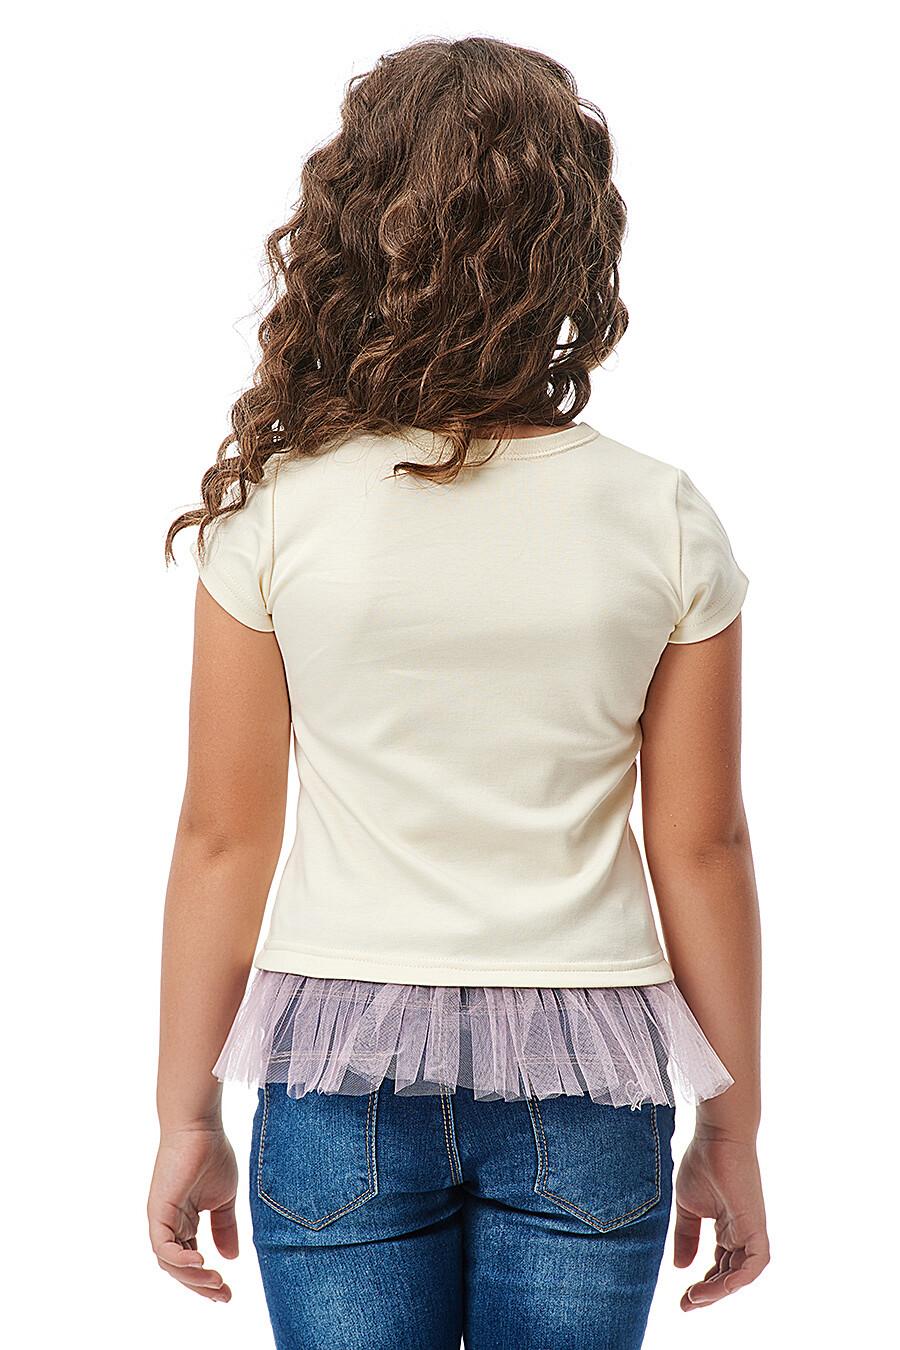 Футболка для девочек LUCKY CHILD 184682 купить оптом от производителя. Совместная покупка детской одежды в OptMoyo